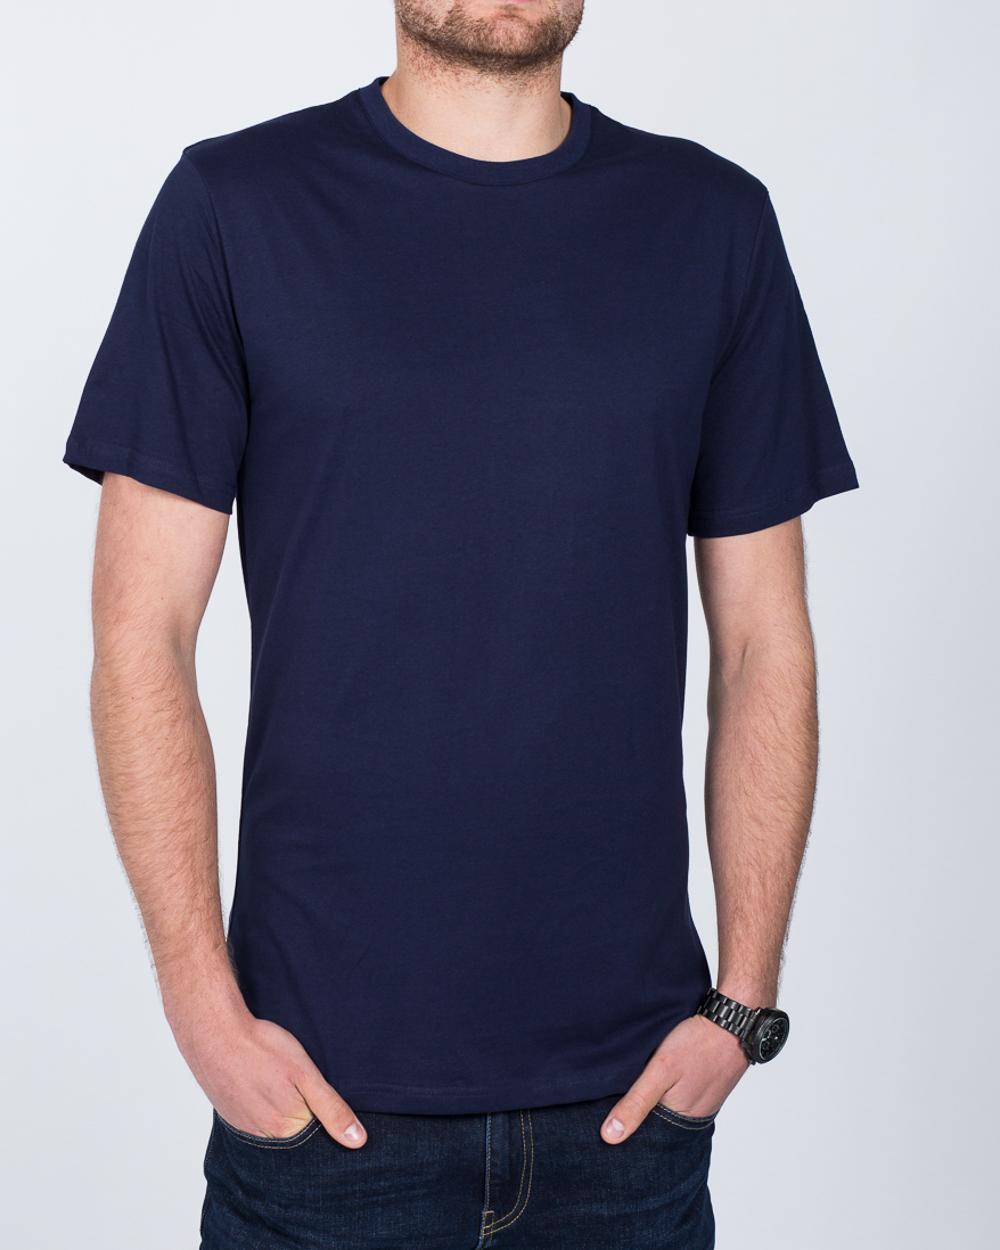 2t Tall T-Shirt (navy blue)